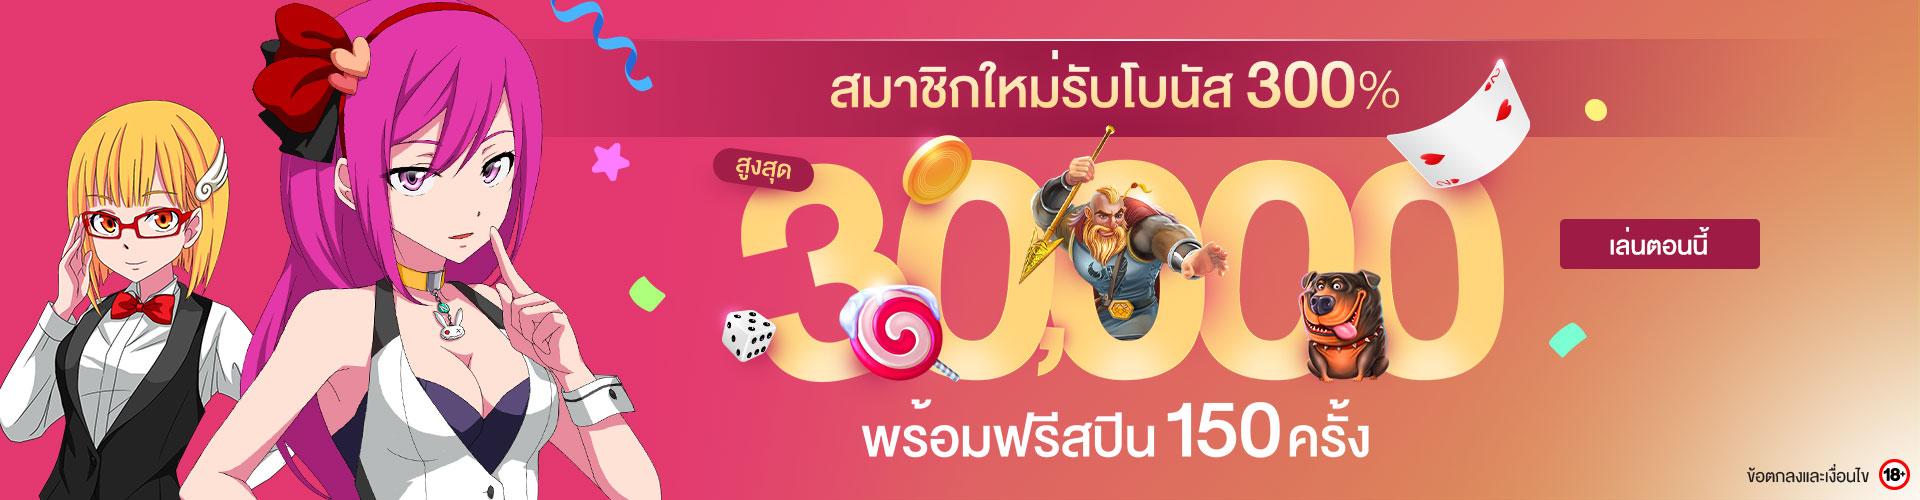 สมัครสมาชิก LuckyNiki แจกเครดิตฟรี 30000 พร้อมรับฟรีสปิน 150 ครั้ง ฟรี